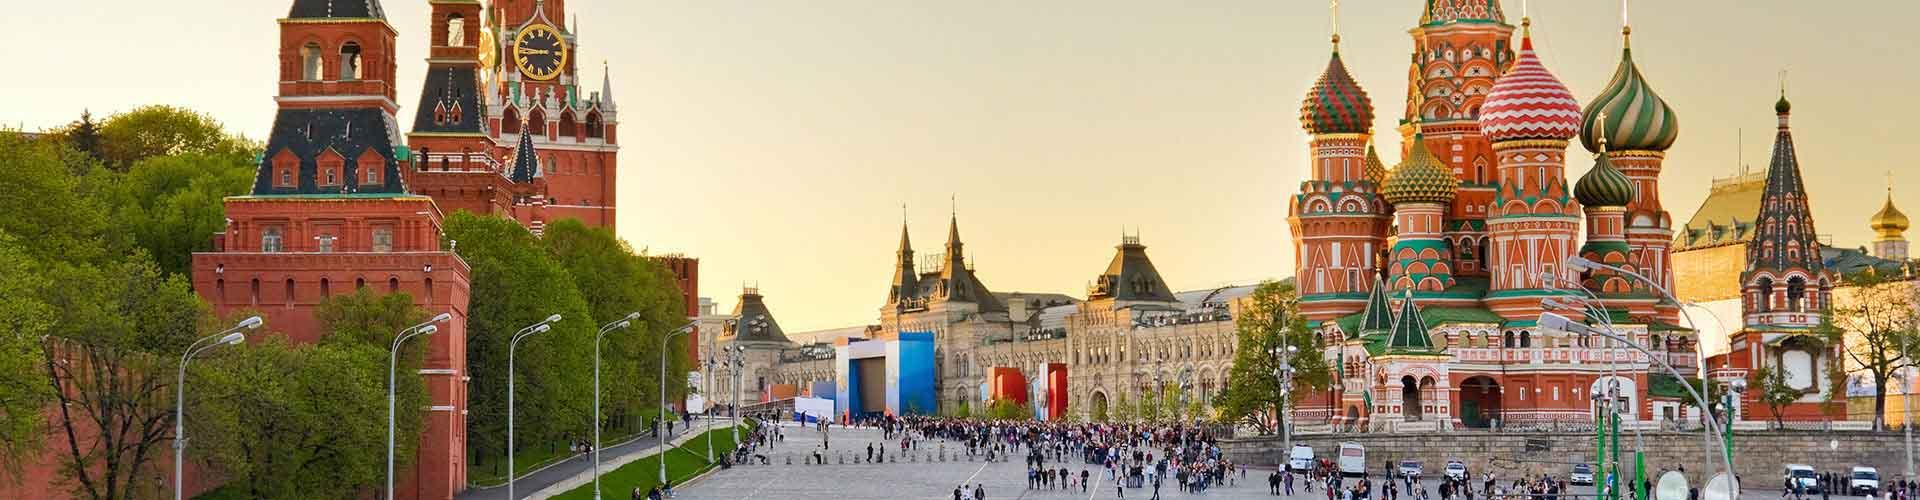 Moszkva - Ifjúsági Szállások Moszkvaben. Moszkva térképek, fotók és ajánlások minden egyes ifjúsági szállásokra Moszkva-ben.